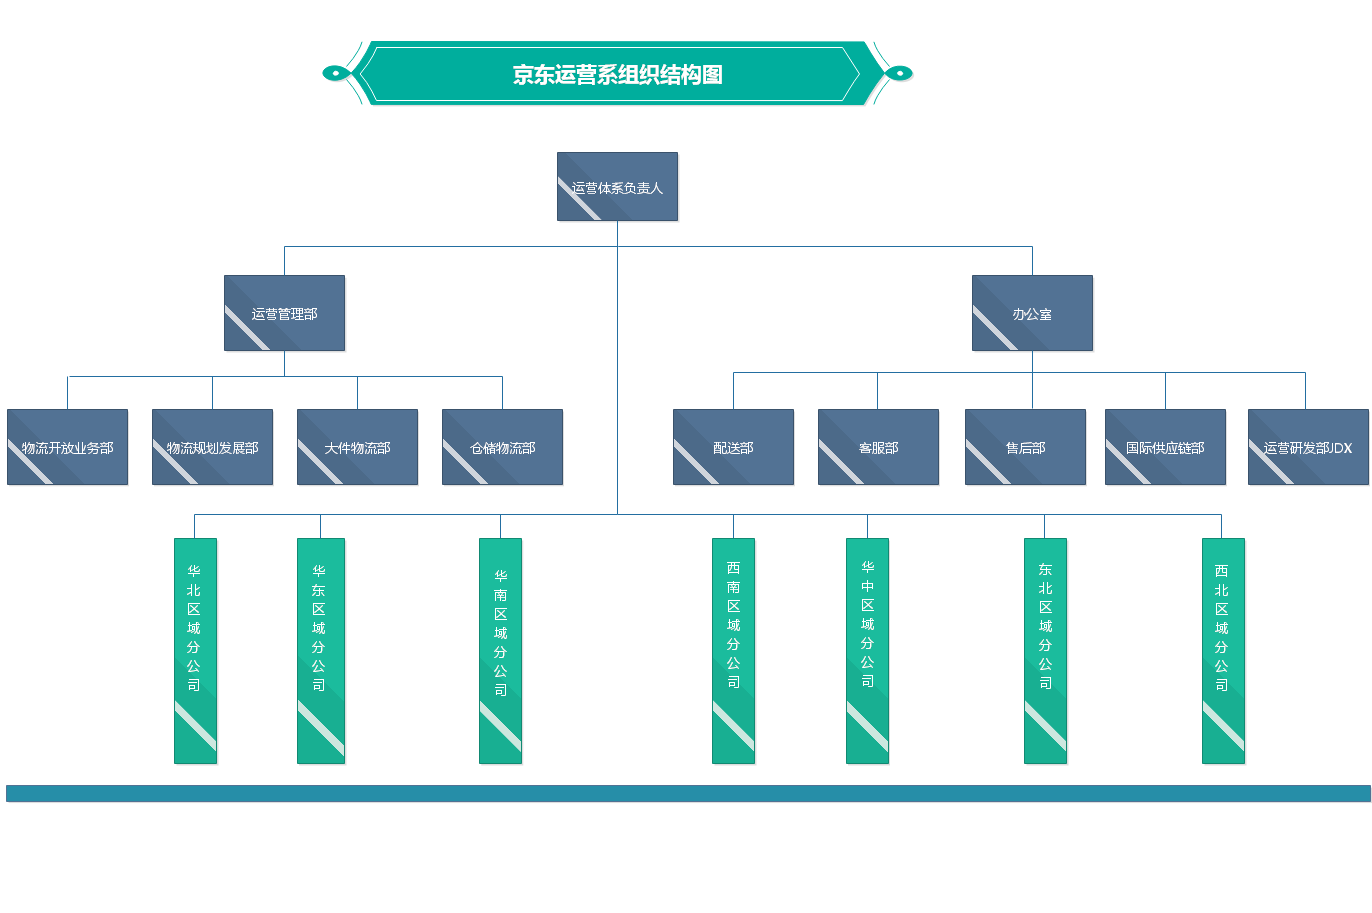 企业管理模式流程图_分析IBM、京东、阿里组织结构图在集团化管理的作用